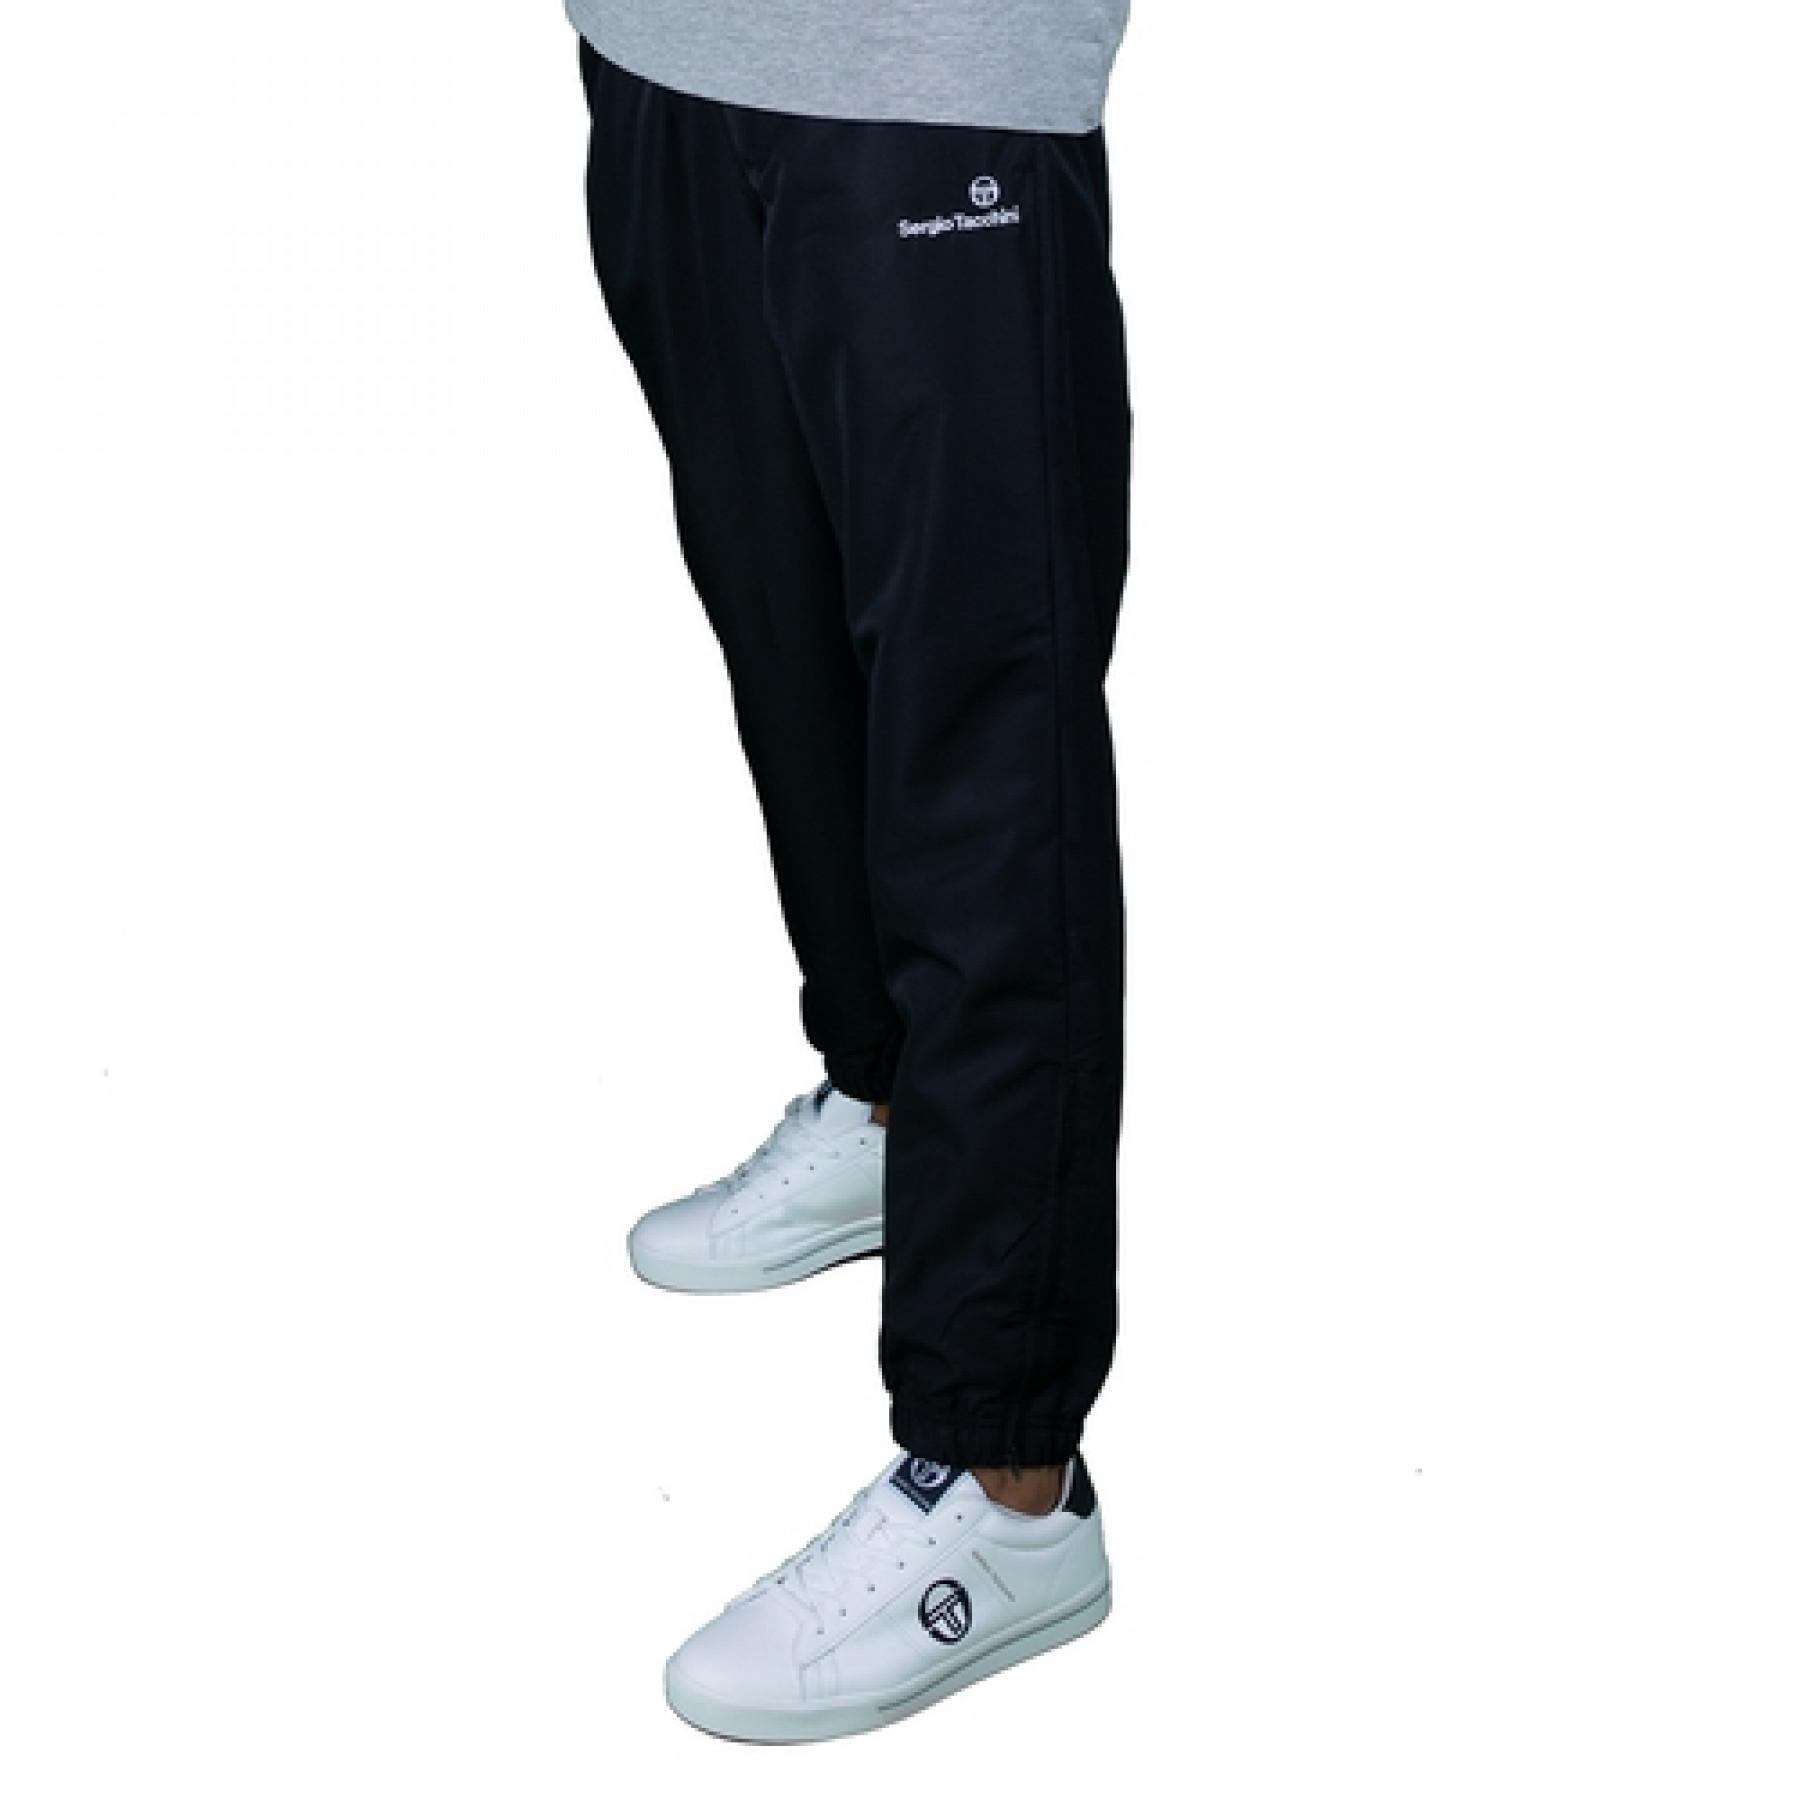 Jogging pants Sergio Tacchini Carson 021 Slim